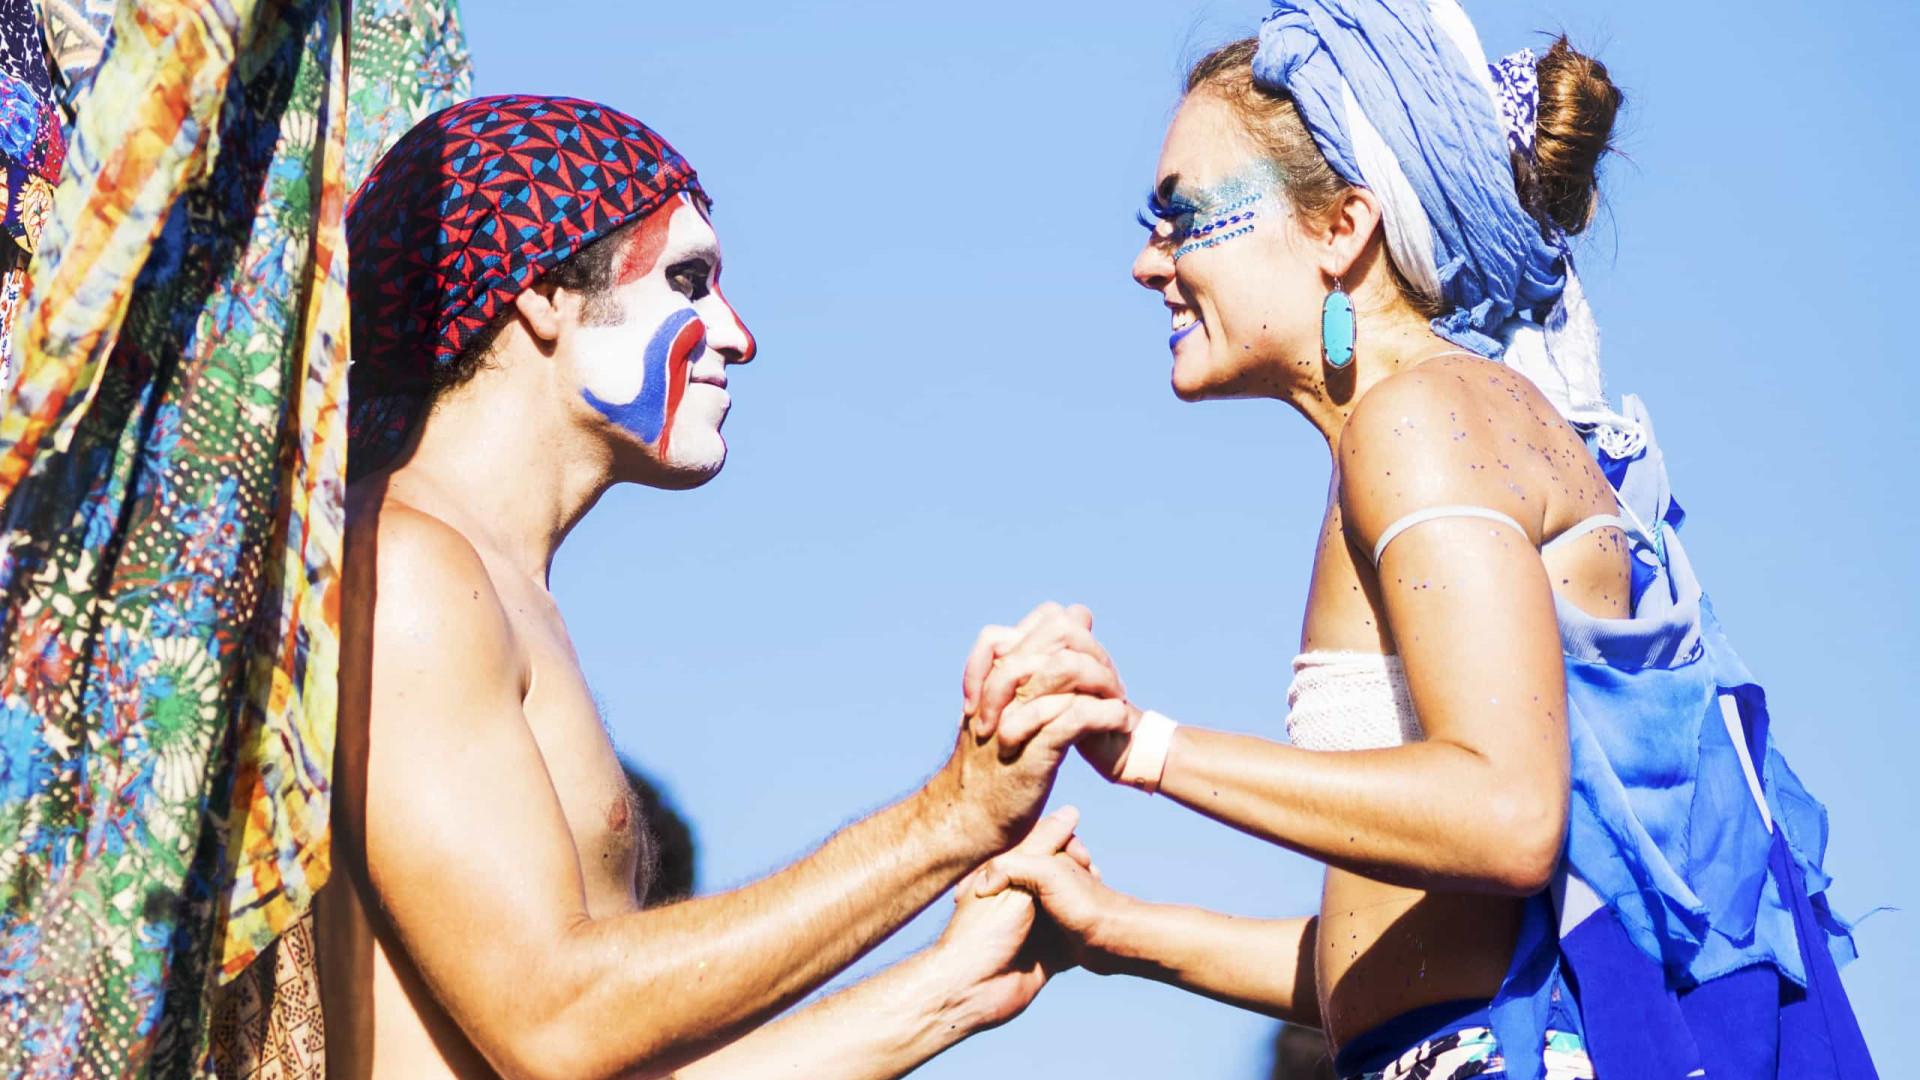 Carnaval: Brasil já teve que adiar a folia em anos anteriores